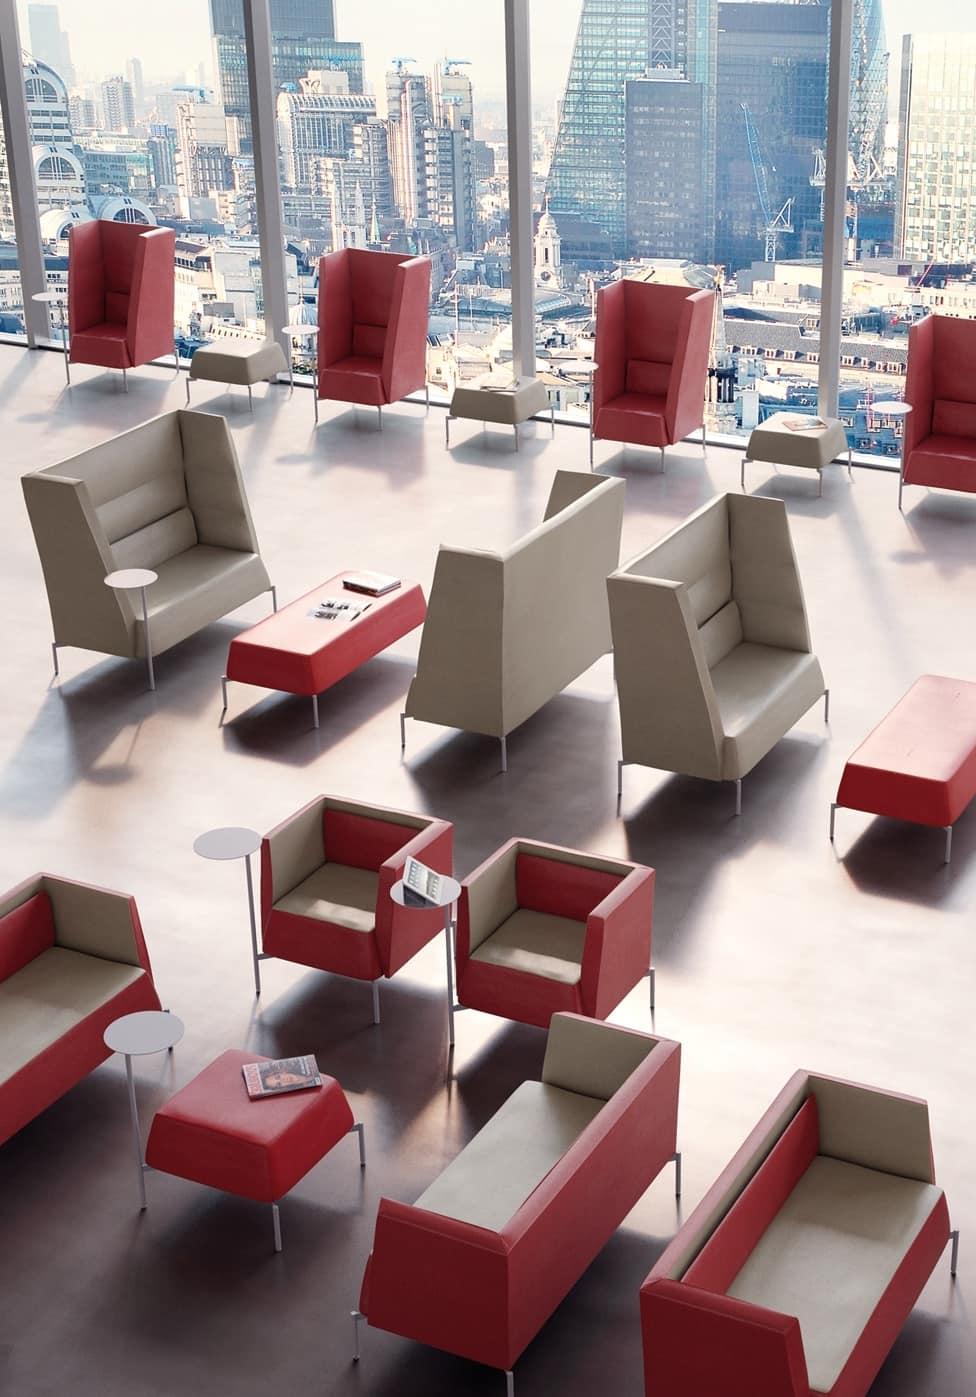 Kendo Sessel, Gefüllte Sessel, für Warte- und Ruhebereiche